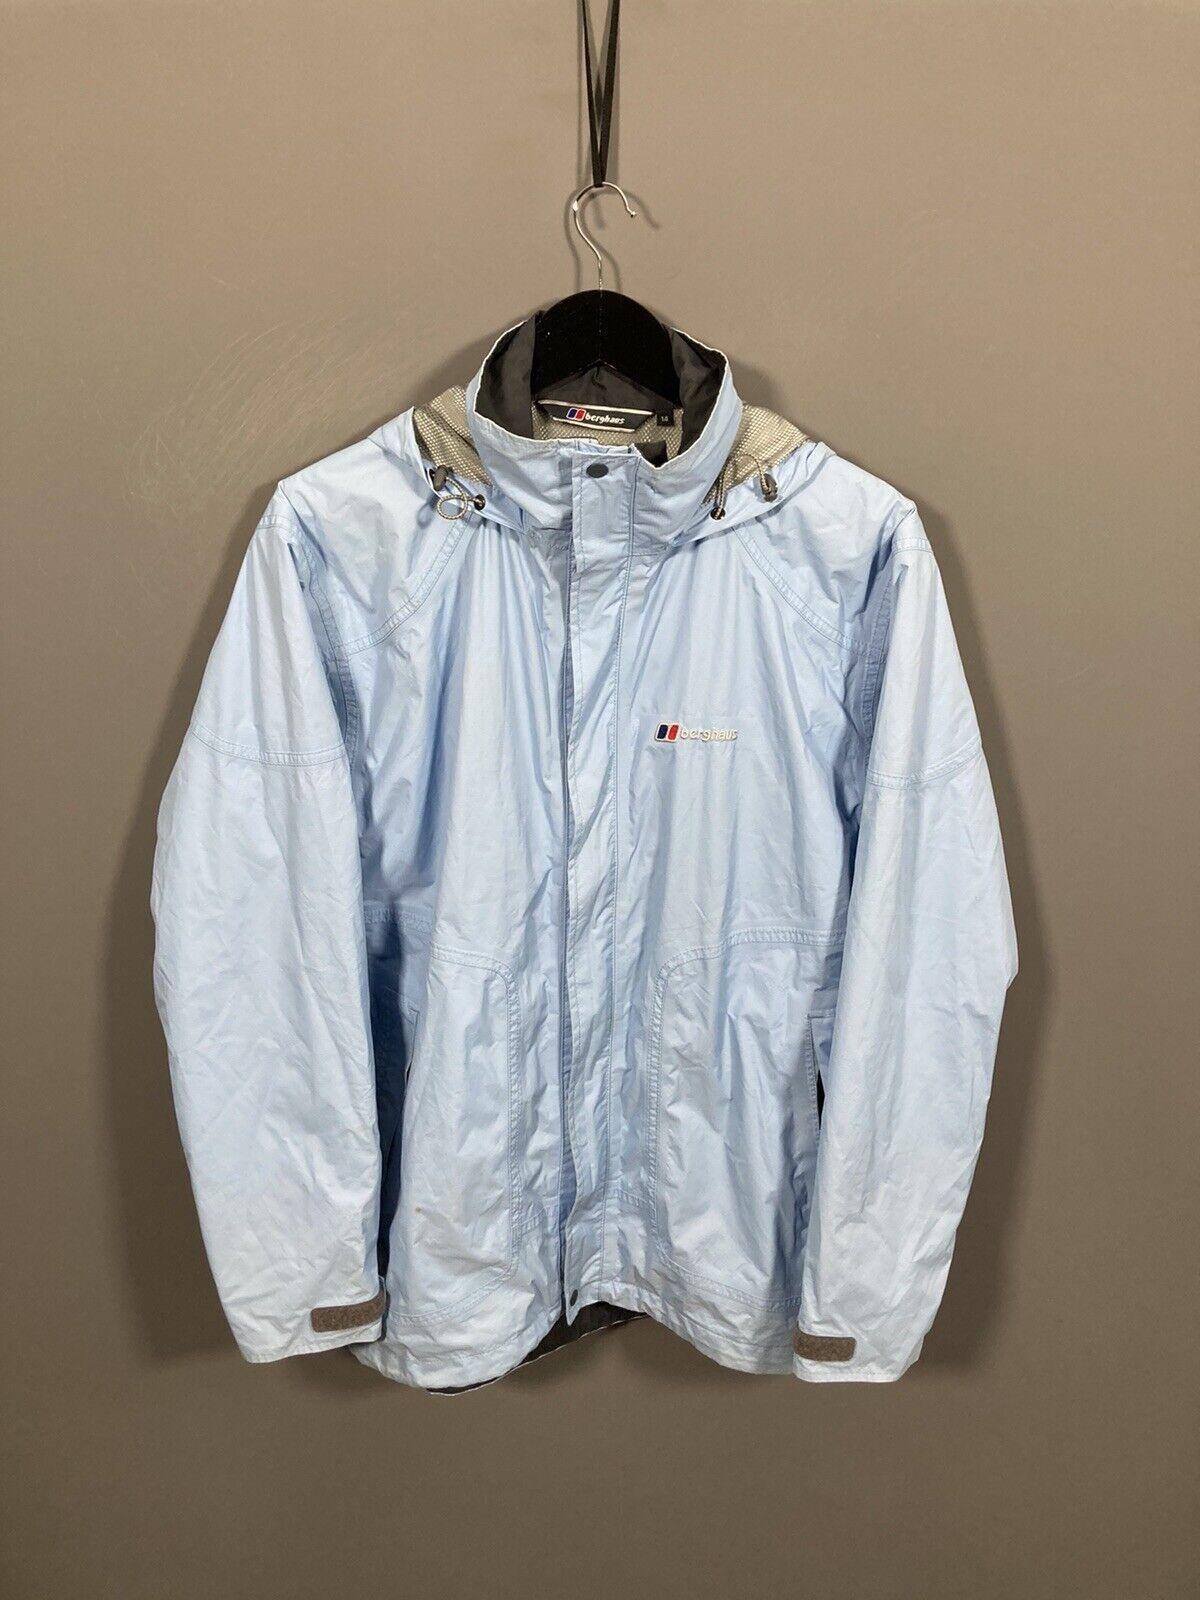 BERGHAUS AQUAFOIL Jacket - Size UK14 - Blue - Good Condition - Women's